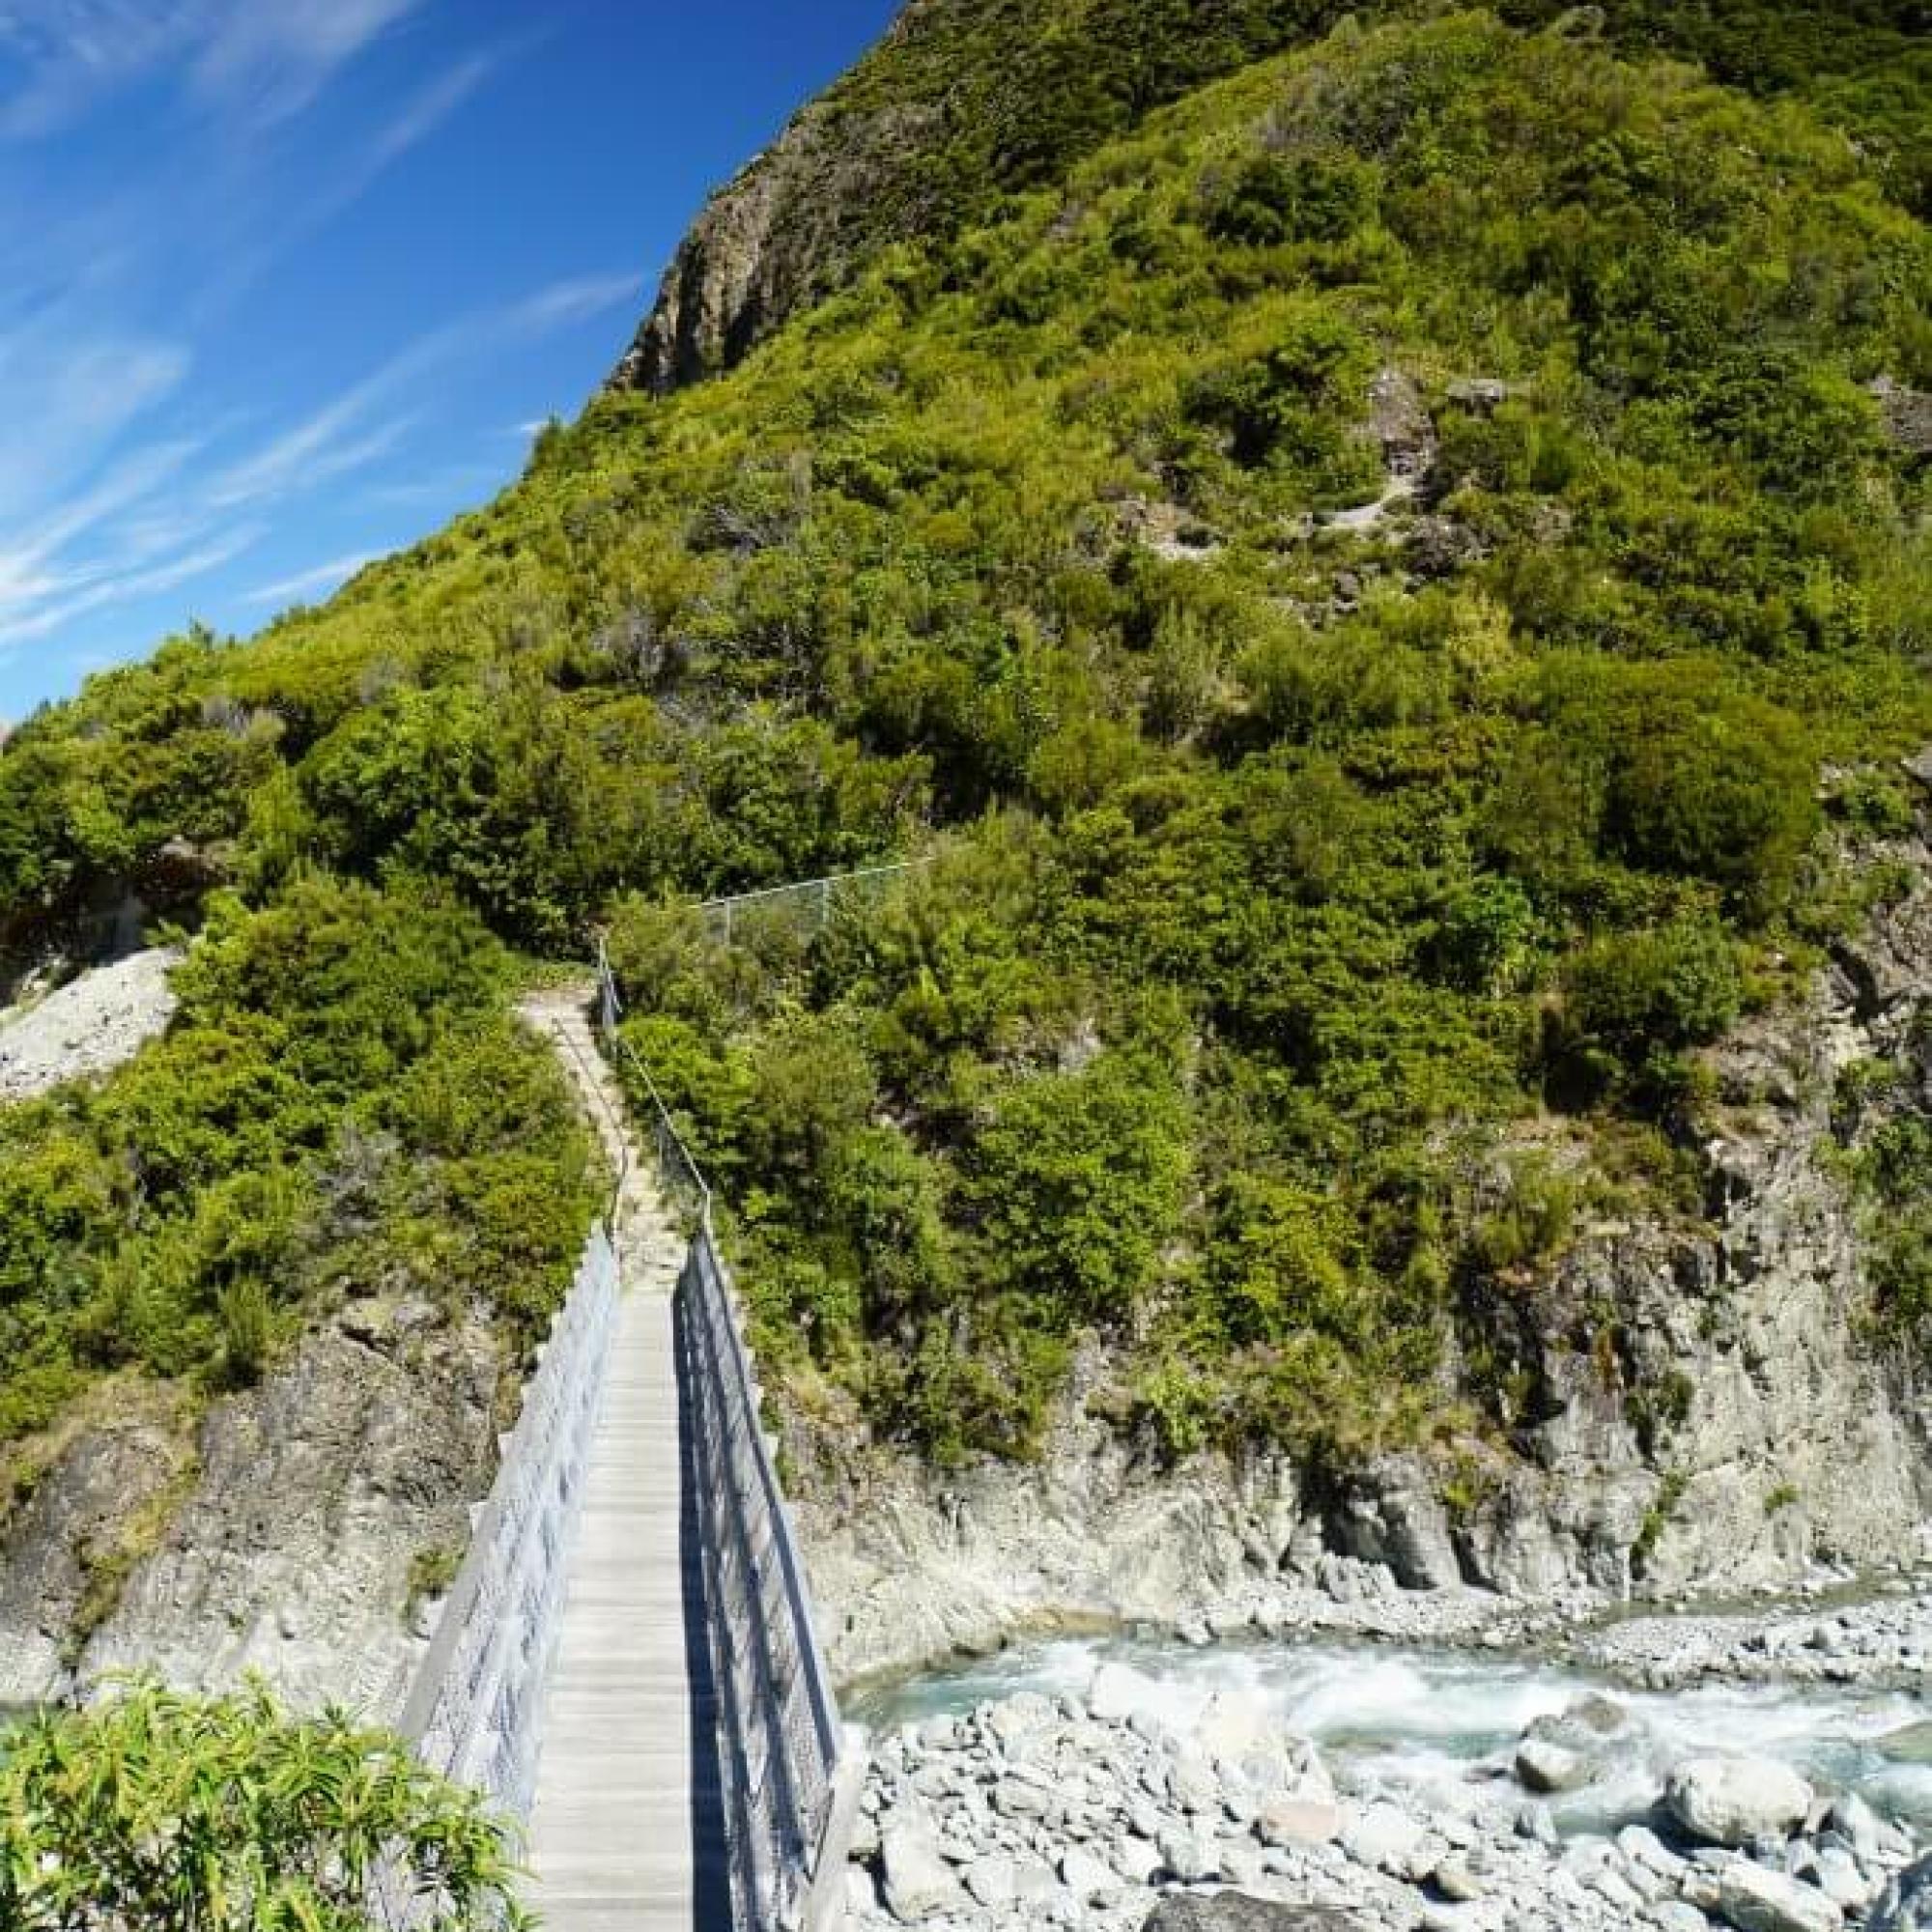 Wanderung «Red Tarns Track»: Wanderweg {Reisetagebuch «Roadtrip durch Neuseeland mit dem Bus»: Aoraki-Mount Cook}